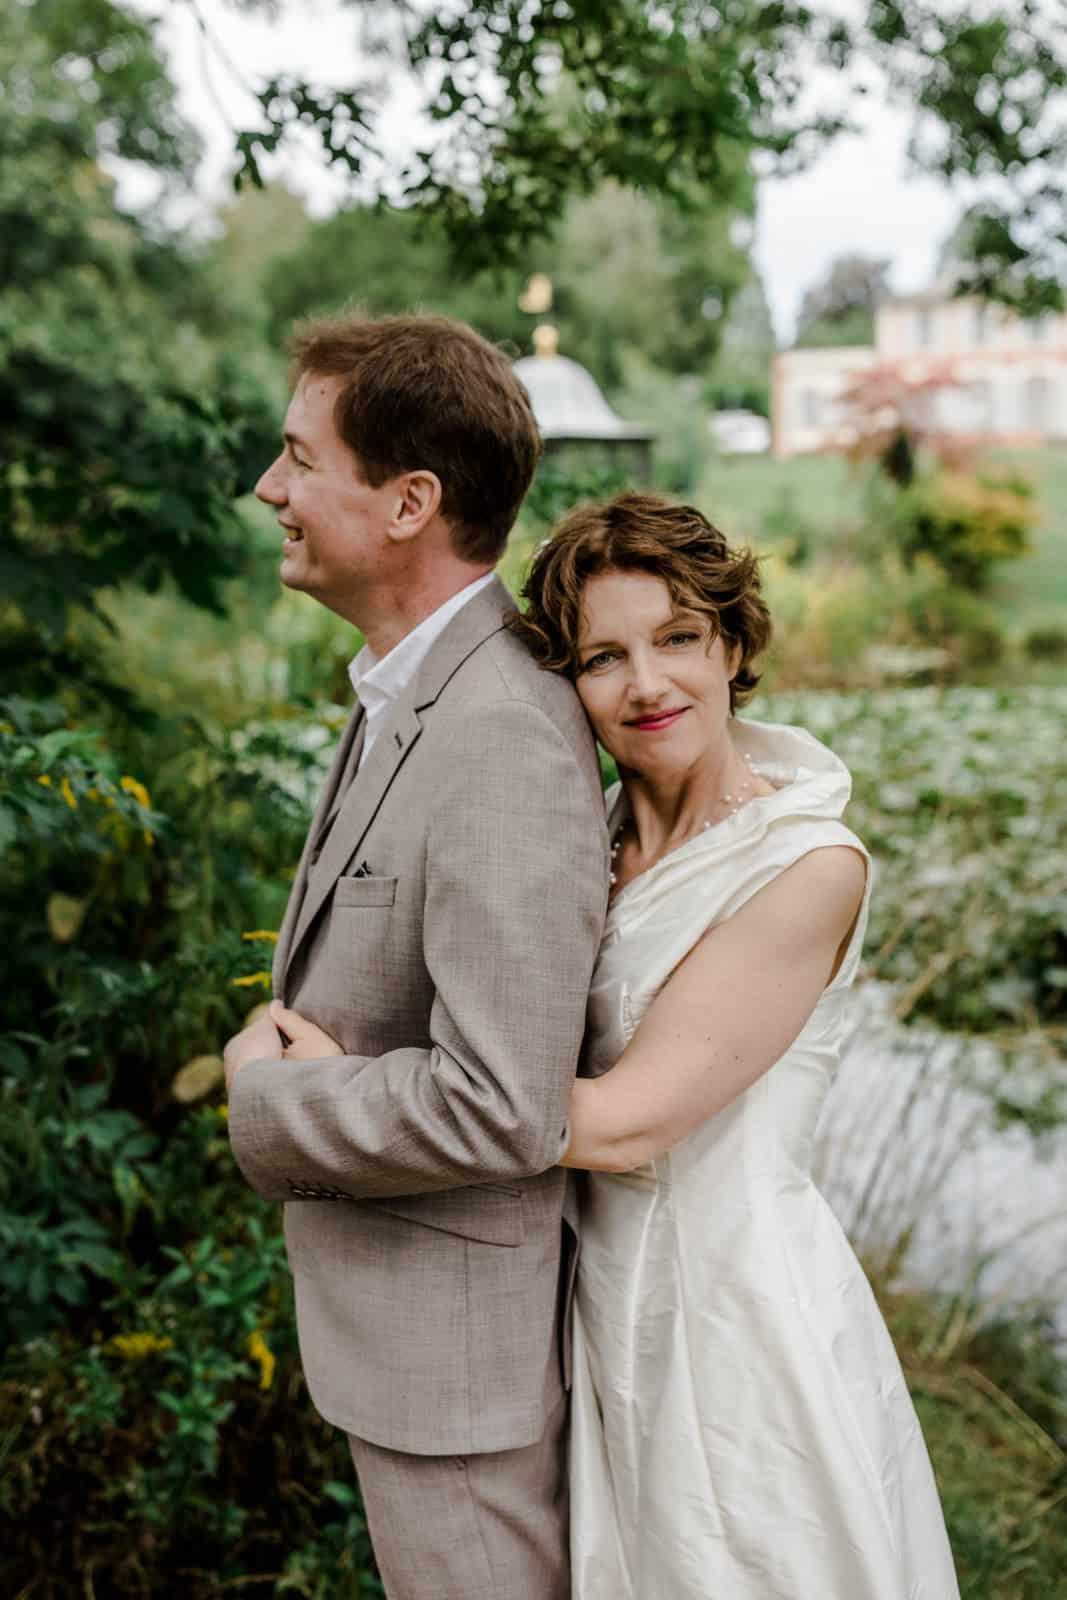 Braut kuschelt sich an die Schulter ihres Mannes im Park des Prinz-Emil-Schlösschen in Darmstadt